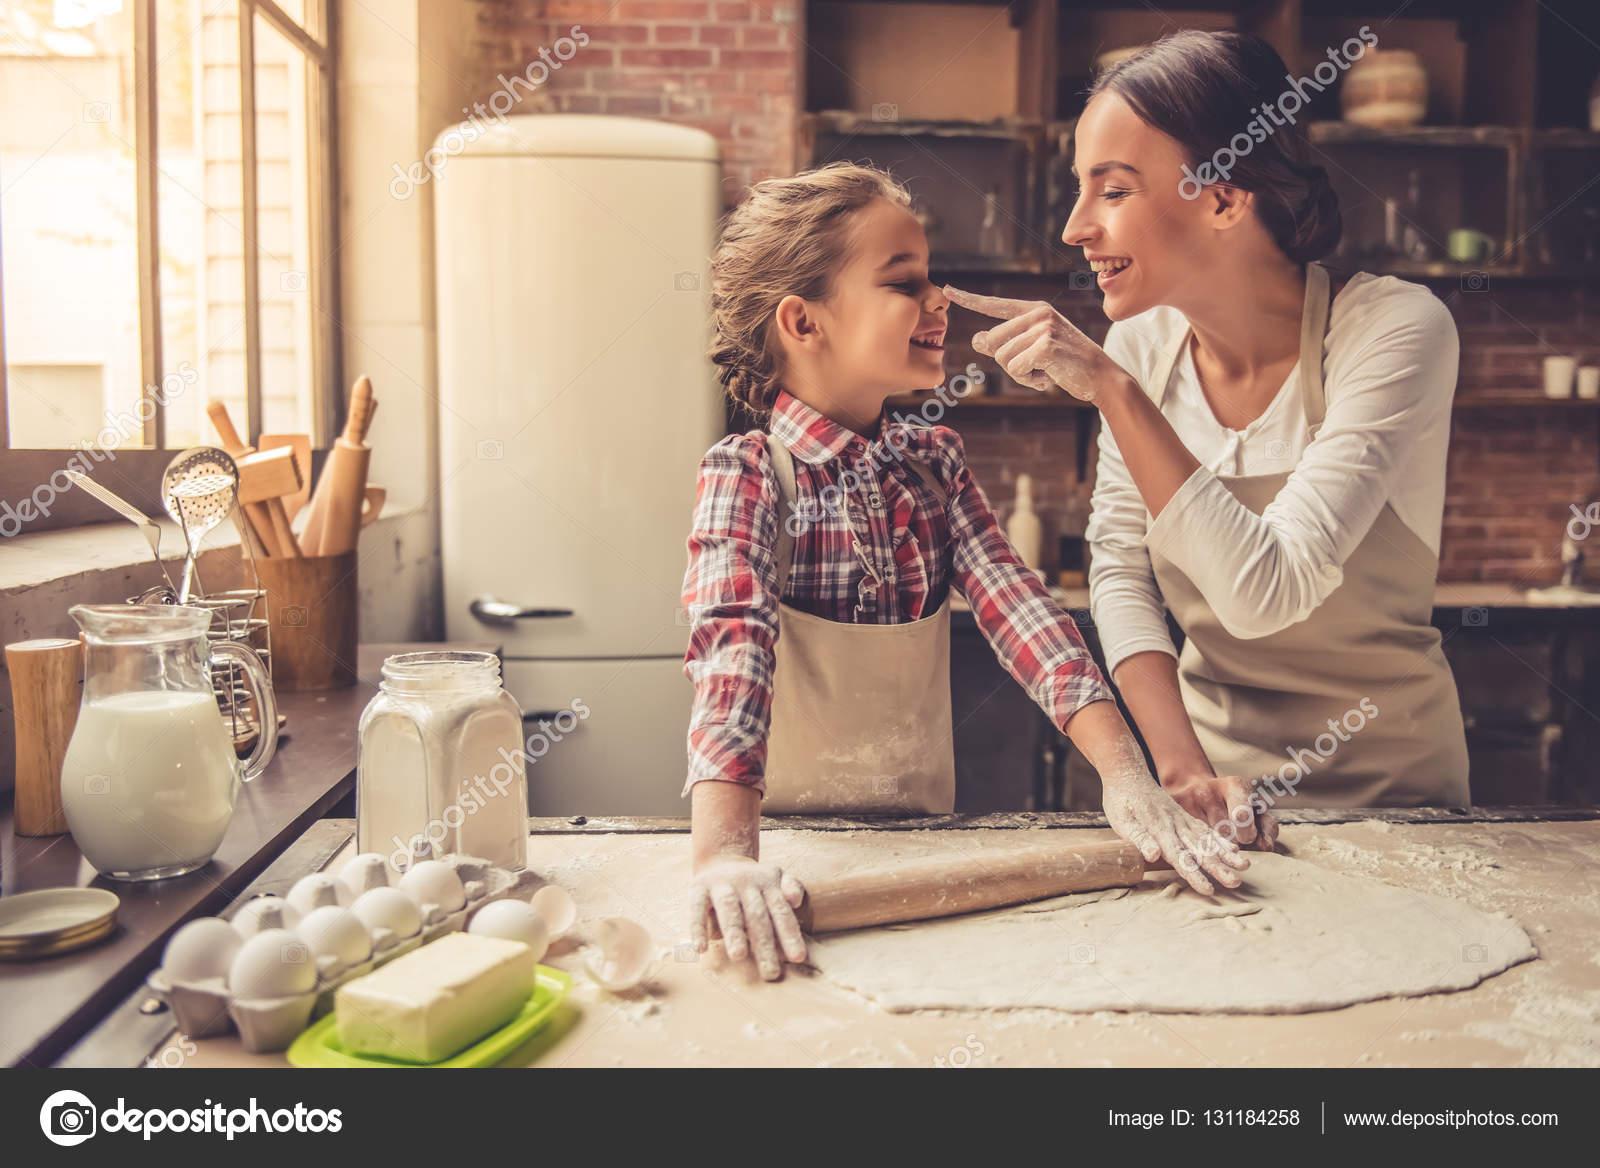 С мамкой на кухне, Мама и сын на кухне - смотреть порно онлайн или скачать 18 фотография